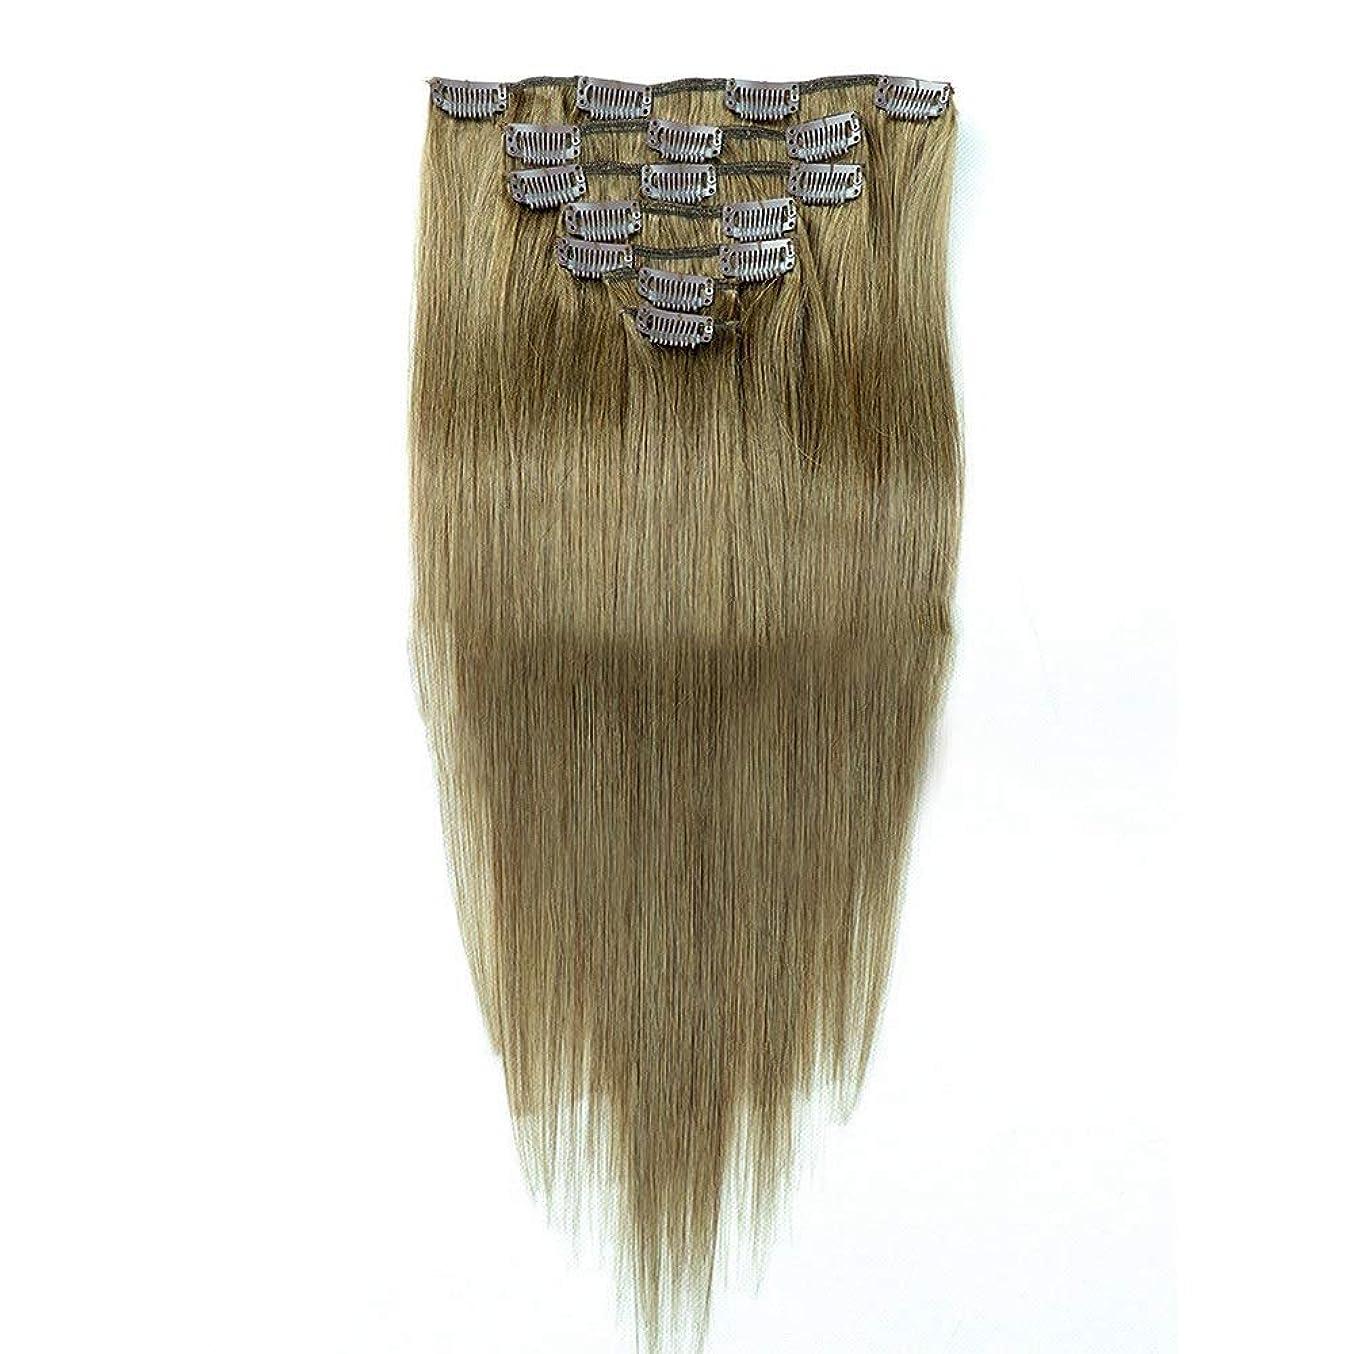 火バクテリア革命HOHYLLYA 自然な女性のためのヘアエクステンション20インチリアルヒューマンヘアクリップ(7個、20インチ、70g)ファッションウィッグ (色 : #8)